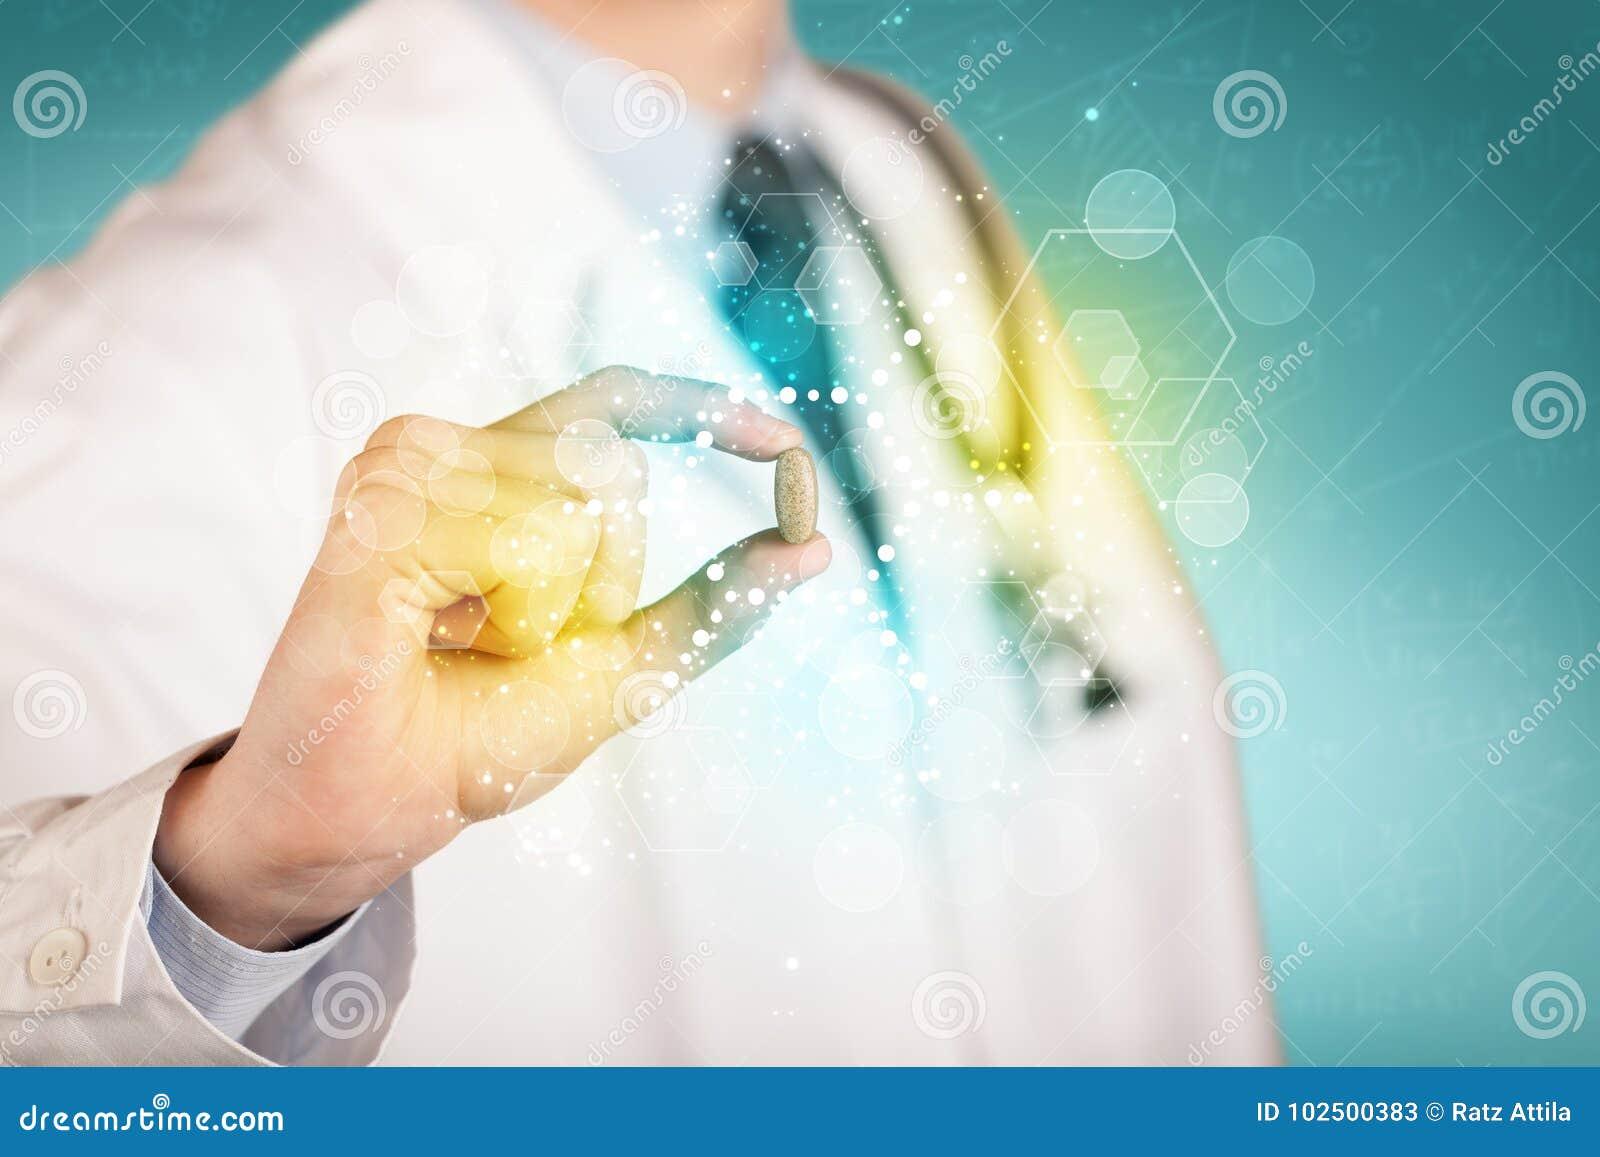 Doktor im weißen Mantel mit einem Stethoskop, das eine Pille mit glühenden bunten Punkten und Linien hält